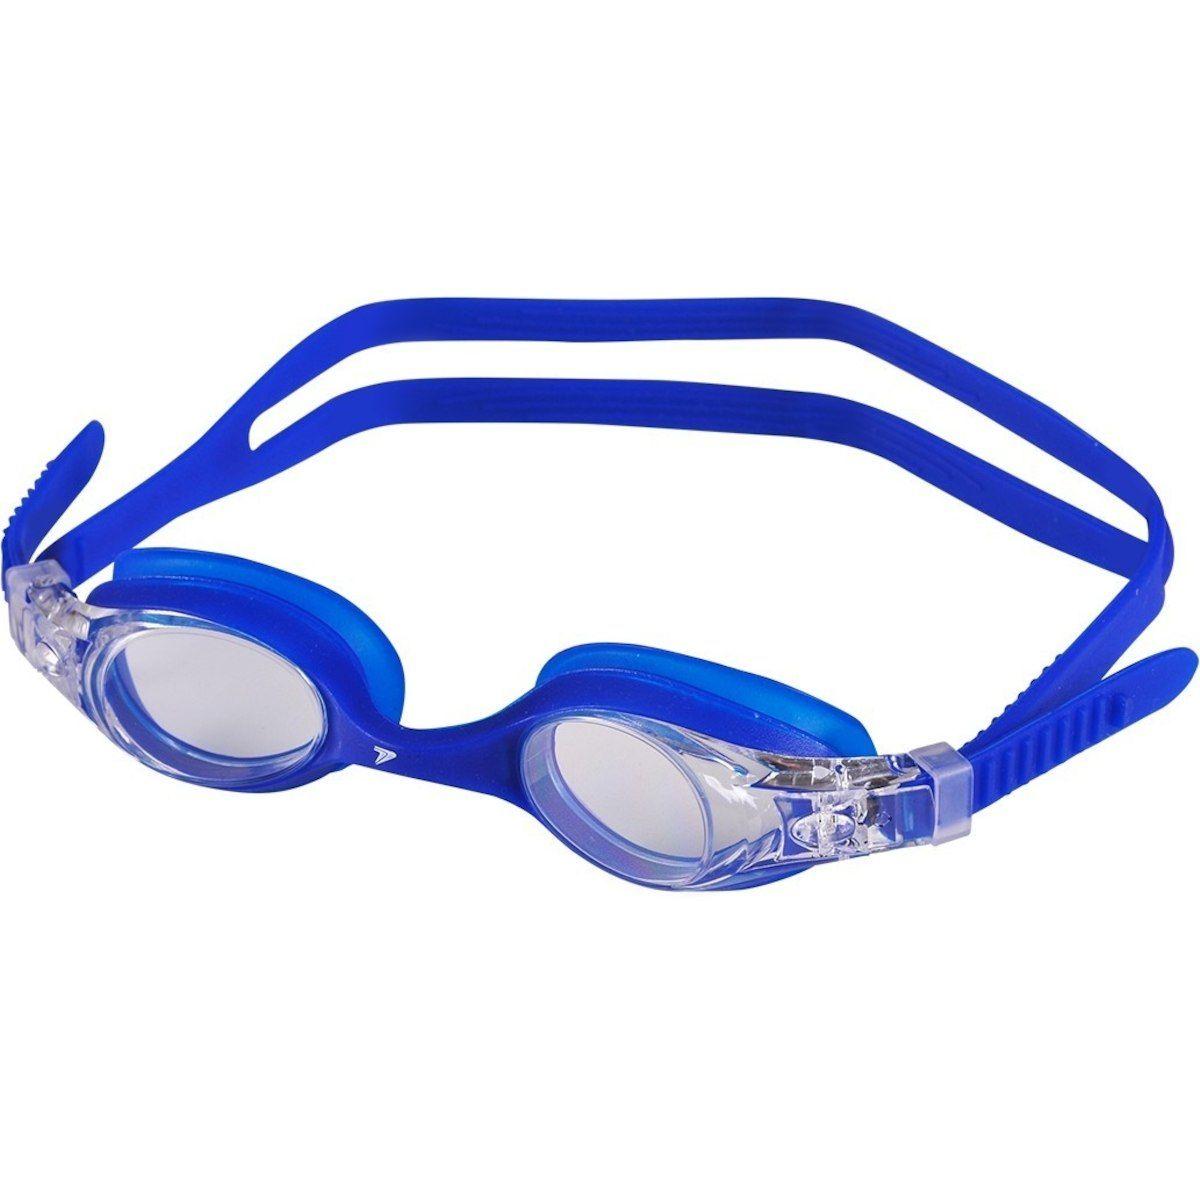 Óculos de Natação Poker Symi Junior Infantil - Azul